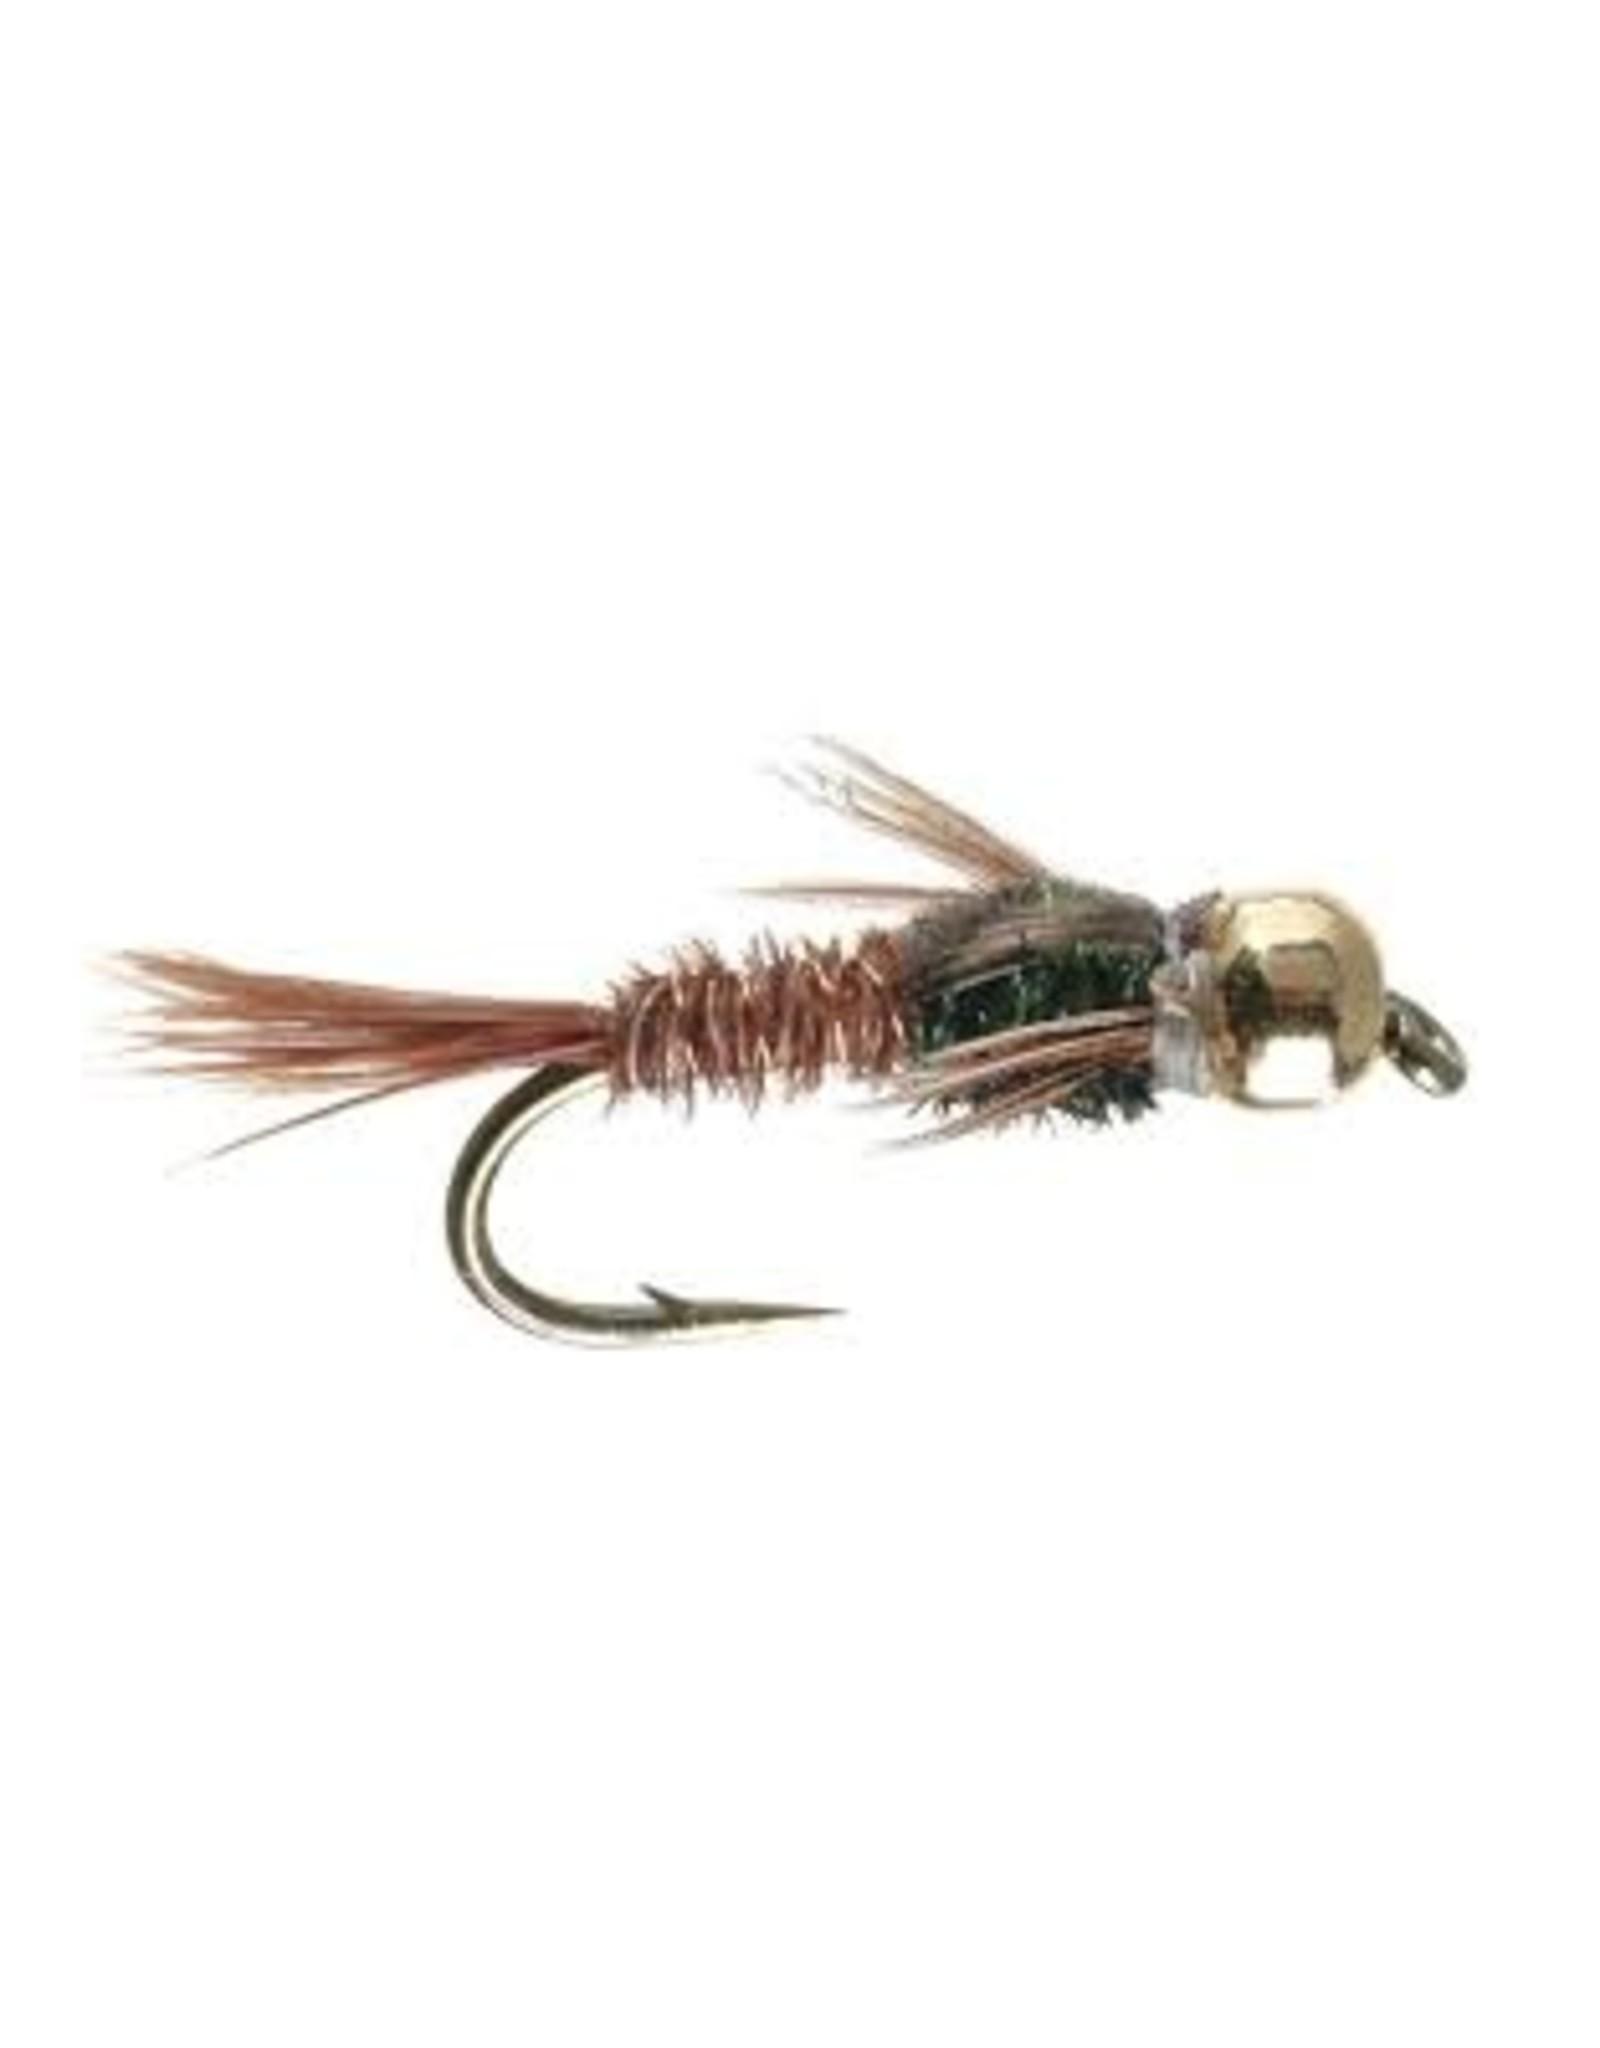 Mountain Angler - Flies Pheasant Tail